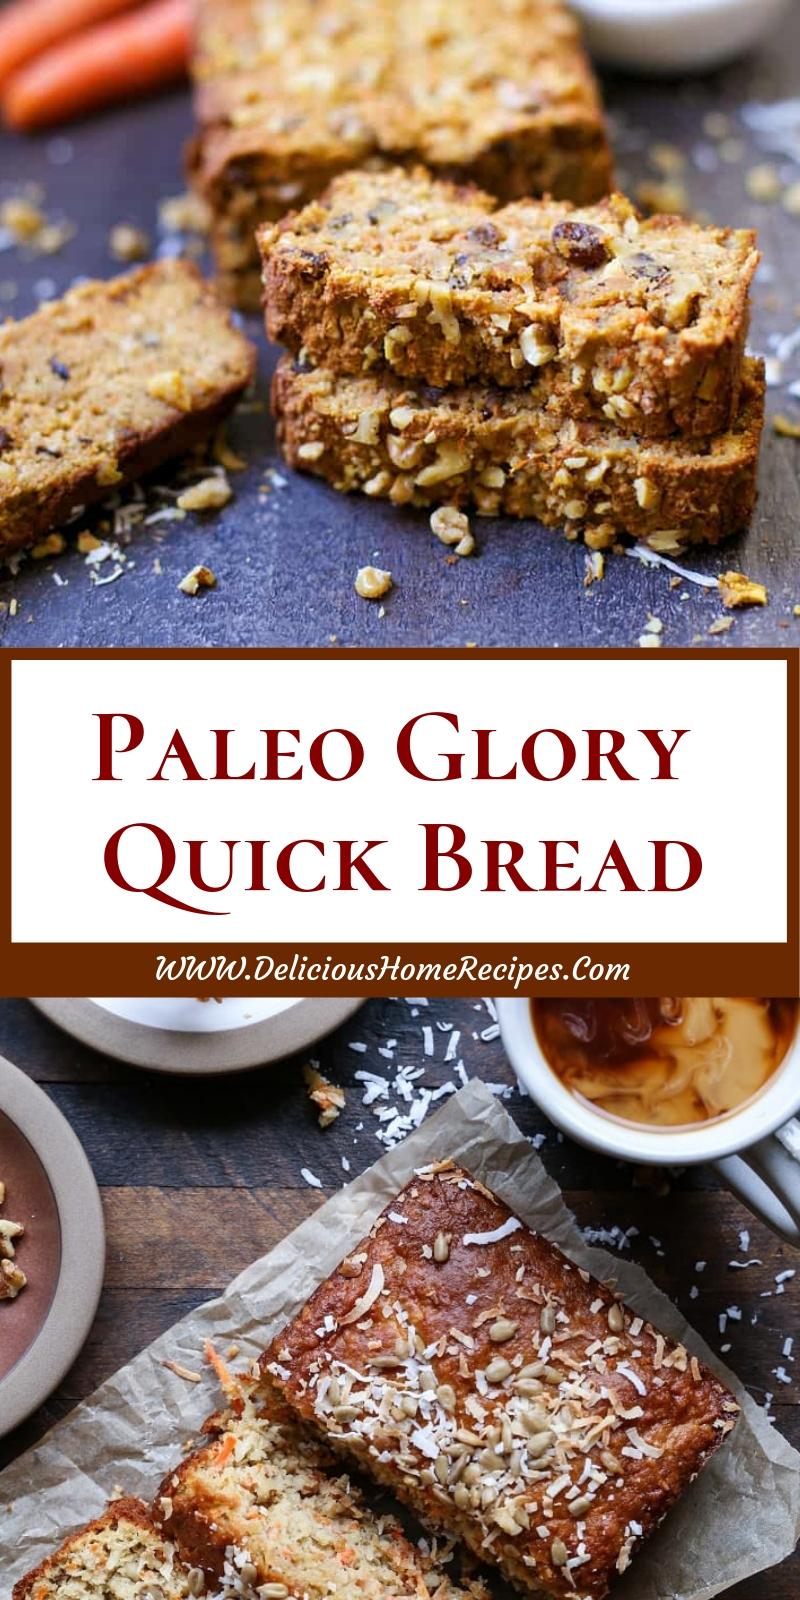 Paleo Glory Quick Bread